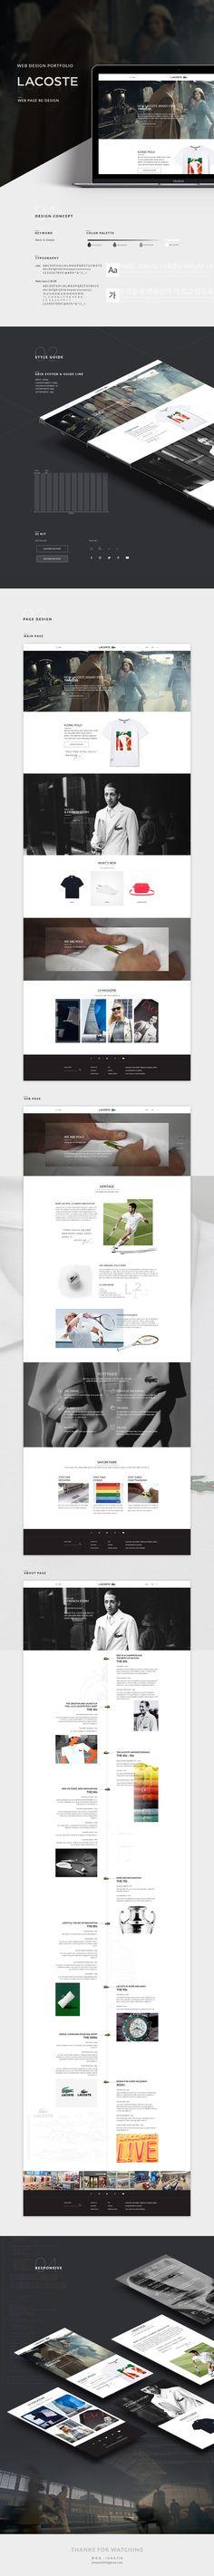 리메인 (remain) 수강생 웹 디자인 포트폴리오. / UX, UI, design, bx, mricro site, mricrosite, 웹 디자인, 웹 포트폴리오, 마이크로 사이트, 쇼핑몰 디자인, 기업 사이트 / 리메인 작품은 모두 수강생 작품 입니다.  www.remain.co.kr Web Design, App Landing Page, Presentation Layout, Gifts For Photographers, Portfolio Layout, Web Layout, Showcase Design, Branding Design, Design Web